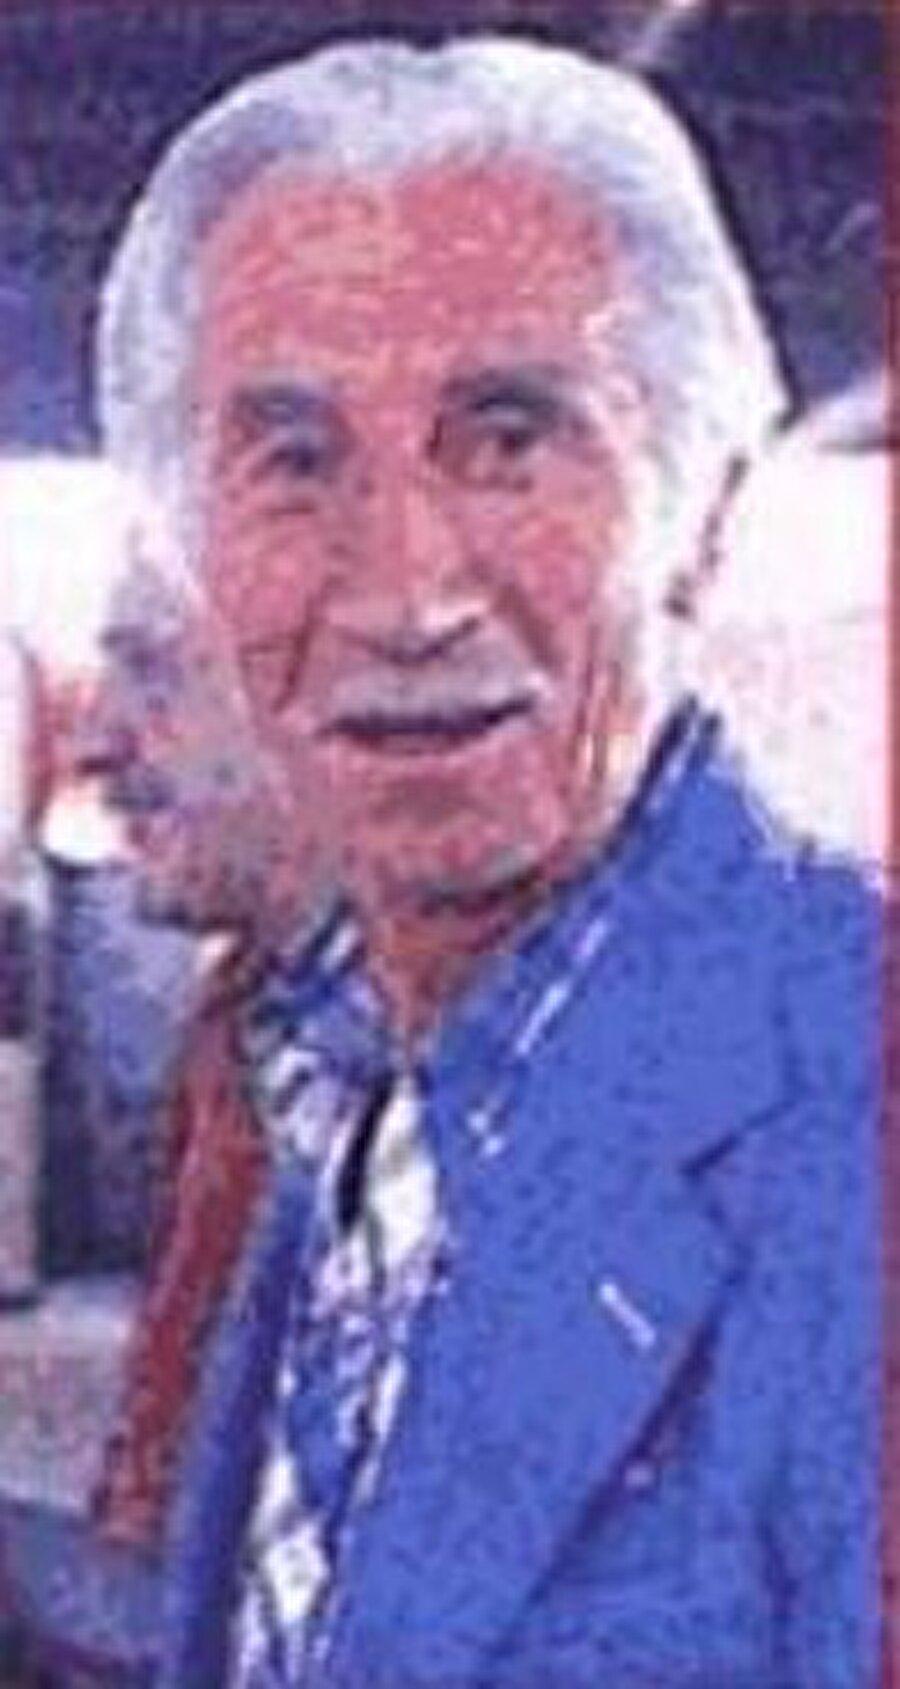 """Cihat Arman'ın yeteneklerinin yanı sıra harika bir zekaya sahip olduğunun kanıtı bir hikaye ile efsanenin yaşam hikayesine nokta koyalım;          Futbolun iki efsane ismi Beşiktaşlı Şükrü Gülesin ile Fenerbahçeli Cihat Arman arasında 1939-1940 sezonunda ilginç bir olay yaşandı. Mithatpaşa Stadı'nda oynanan maça ilgi büyüktü… Tribünler tıklım tıklımdı… Beşiktaş'ın başarılı golcüsü Şükrü Gülesin, Hüseyin Saygun'un pasıyla atağa kalktı. Şükrü'yü durdurana aşk olsun. Güçlü fiziğiyle rakiplerinin korkulu rüyası olan Şükrü, Fenerbahçeli defans oyuncusu Rafet ile baş başa kaldı. Rafet ne yaptıysa Şükrü'yü durduramadı. En sonunda da penaltı yaptıracağını düşünün Rafet, Şükrü'yü bıraktı. Tribünler ayaklandı, herkes Şükrü Gülesin'in gol atacağını düşünürken beklenmedik bir hareket Cihat Arman'dan geldi.     Cihat Arman kimselerin aklına gelmeyen bir oyun oynadı Şükrü Gülasin'e... Şükrü meşin yuvarlağı ağlara göndermeye hazırlanırken Cihat Arman el kol işareti yapmaya başladı. """"Geçti artık"""" gibilerinden hareketler yapan Cihat, Şükrü'nün aklını karıştırdı. Cihat'ın hareketlerine anlam vermeye çalışan Şükrü, öfke dolu bir halde topu kale direğinin üzerinden auta gönderdi.      Topu dışarı gönderen Şükrü Gülesin, """"Ne faulü"""" diye hakeme doğru koşmaya başladı. Hakem ise şaşkın şakın etrafına bakmaya başladı. Şükrü Gülesin hakeme itiraz ediyor, pozisyonun ne ofsayt ne de faul olduğunu anlatmaya çalışıyordu. Hakem güçlükle Şükrü'ye düdük çalmadığını anlattı ve efsane futbolcunun adeta başından aşağı kaynar sular döküldü. Şükrü Gülesin, Cihat Arman tarafından gole giderken kandırıldı. Gülesin, """"Kaptan, düdüğü değil seni dinledik. Bir golden olduk ama helal olsun. İyi kandırdın beni"""" dedi."""